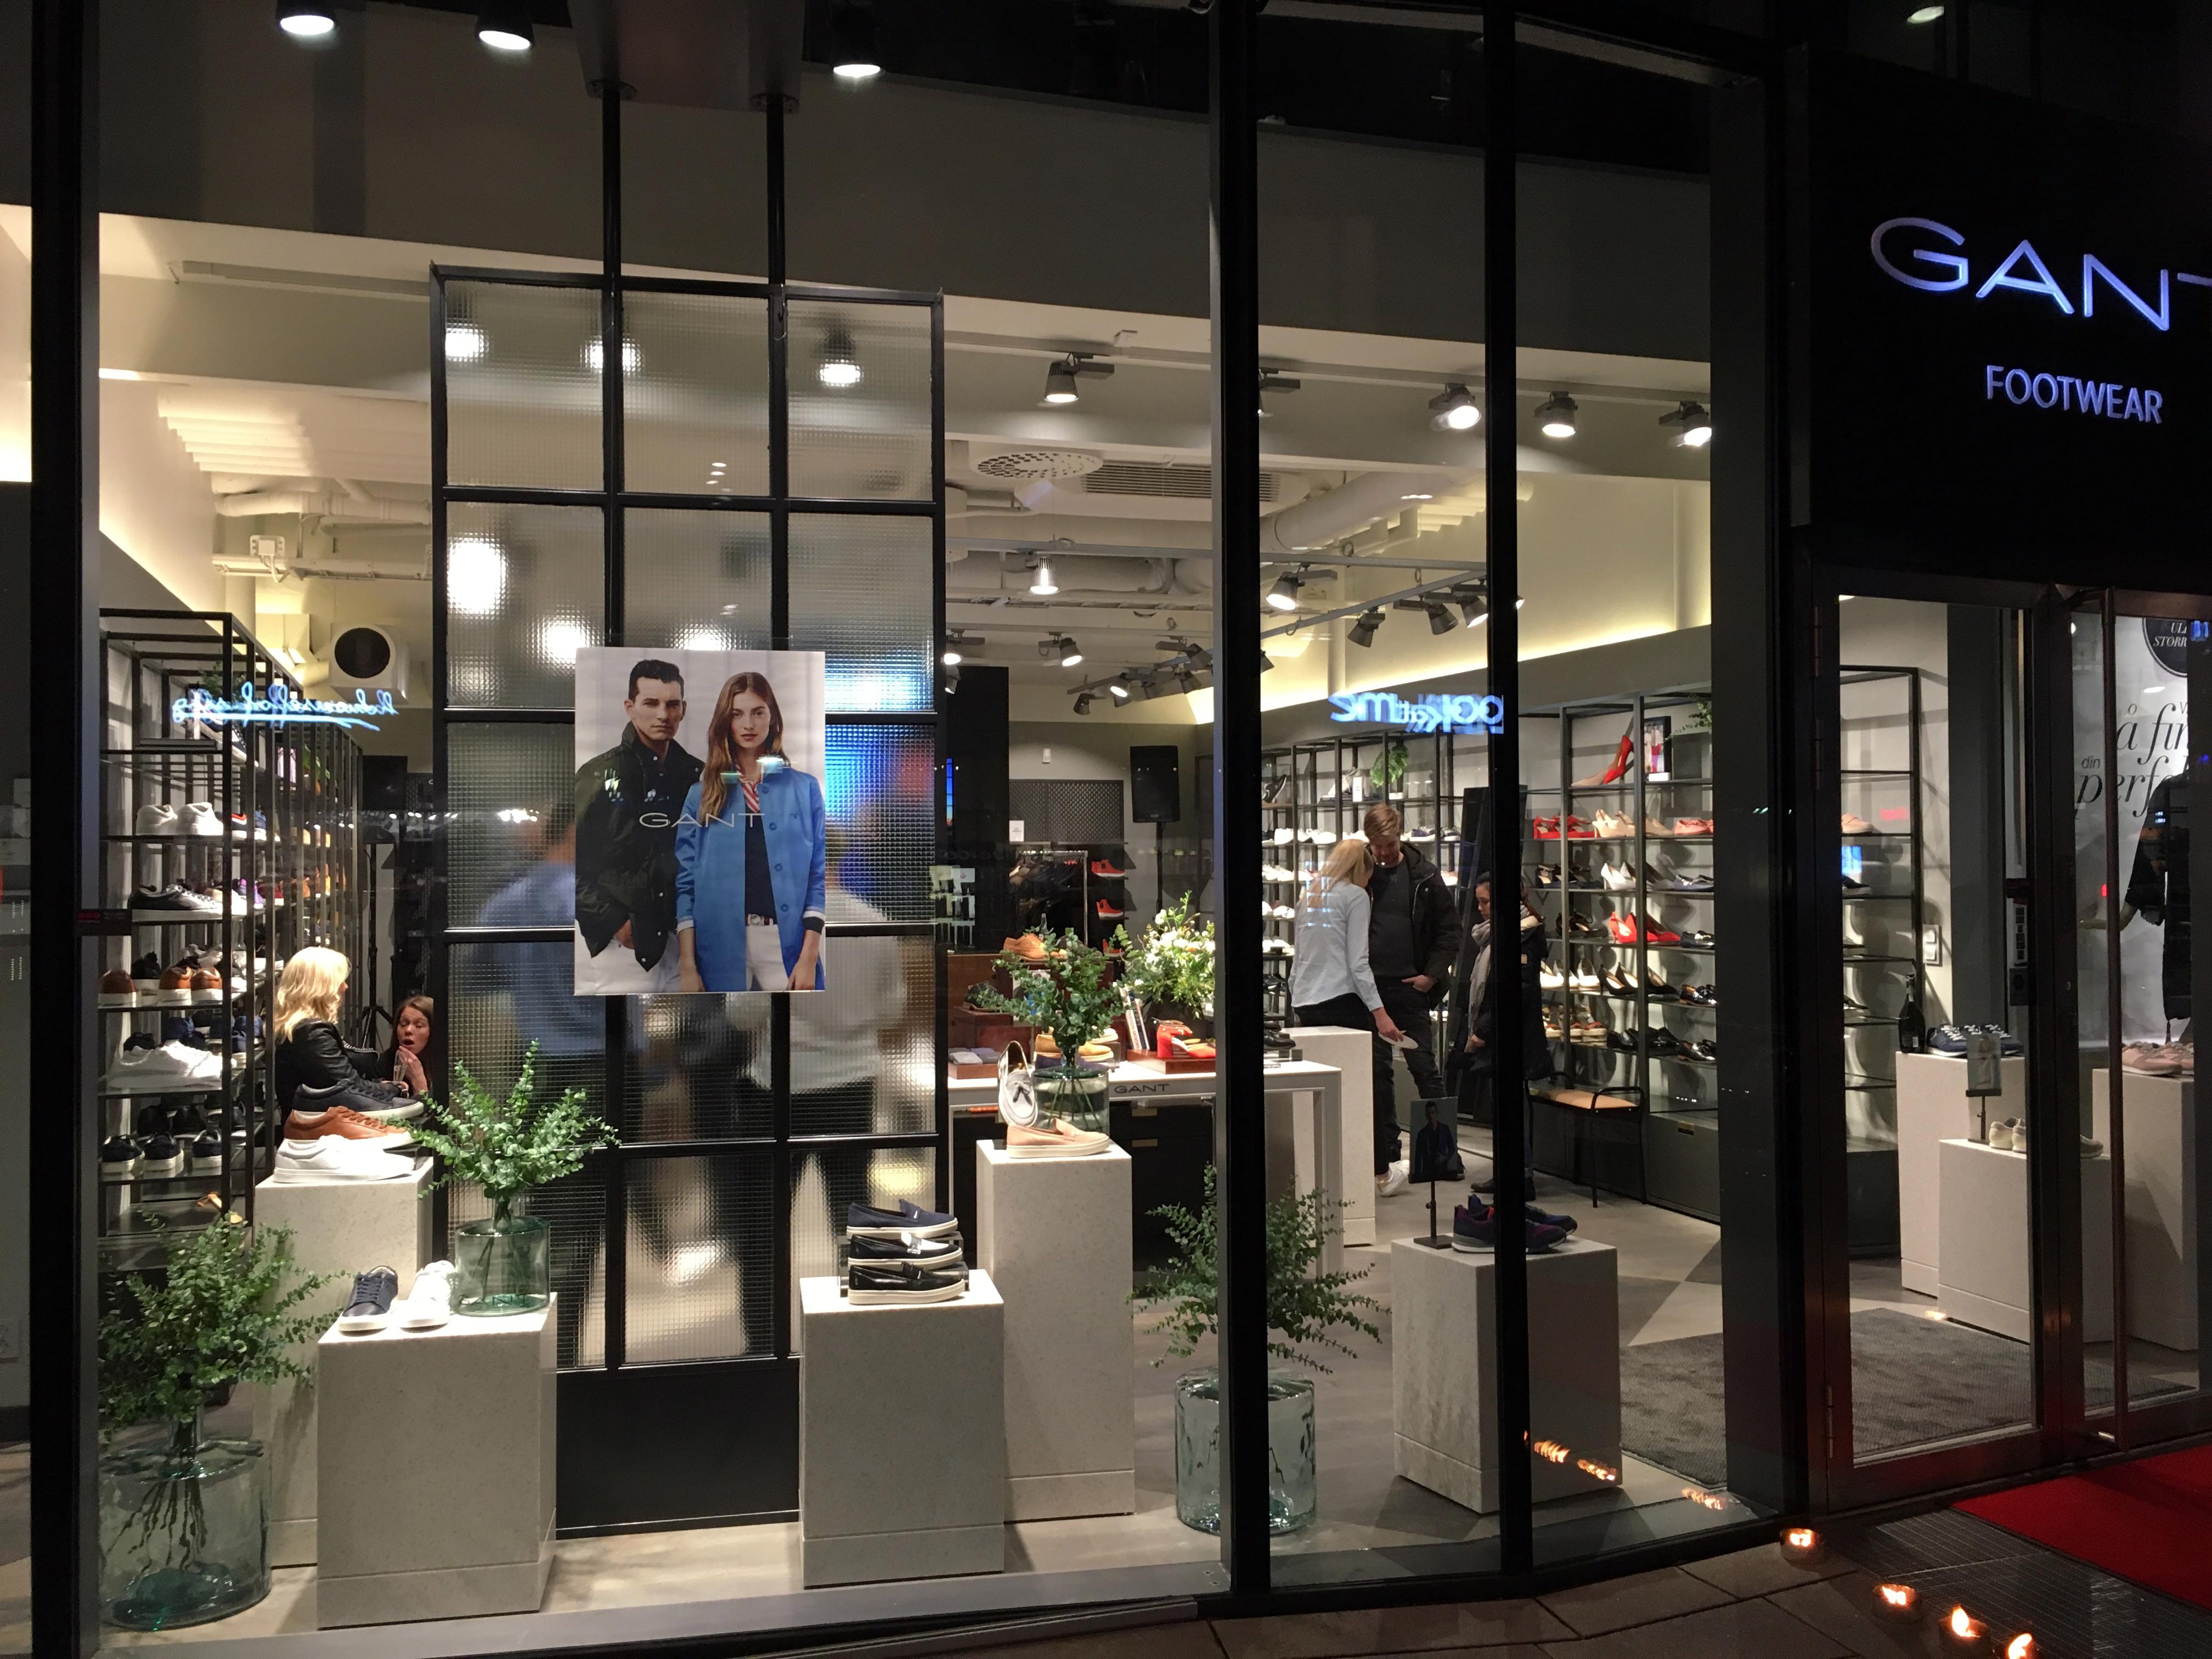 Gant Footwear Store credit Gant Footwear